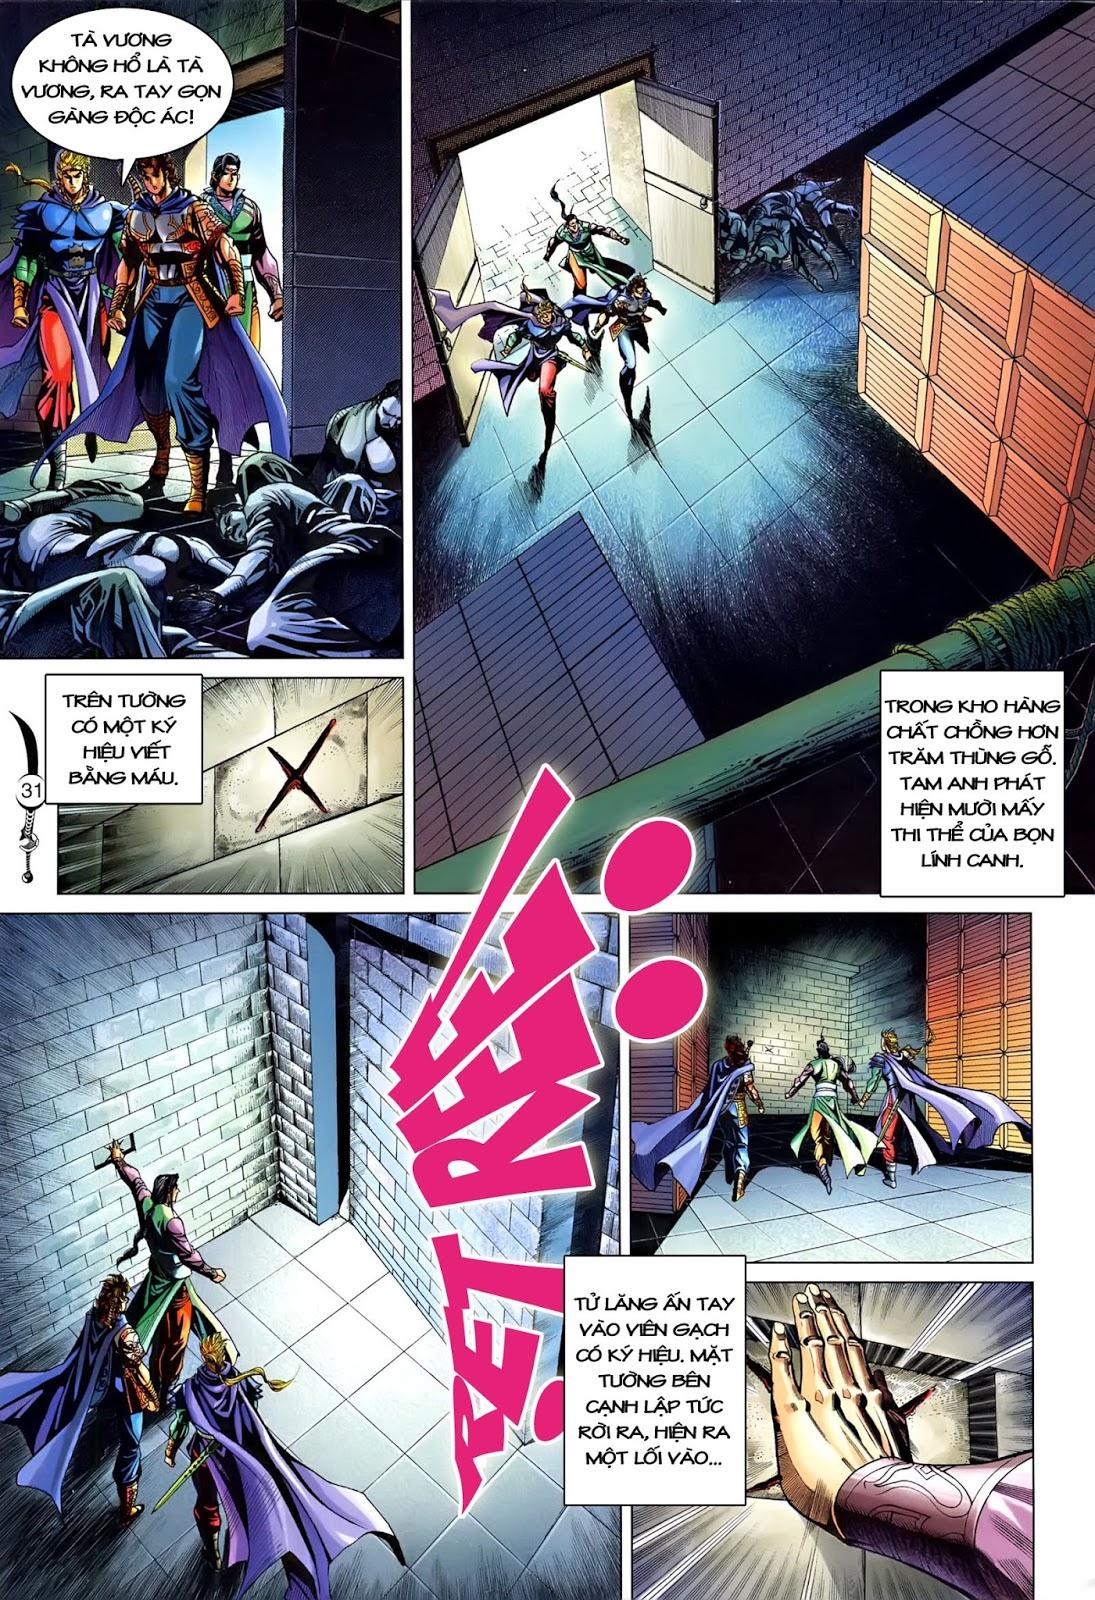 Đại Đường Song Long Truyện chap 216 - Trang 33